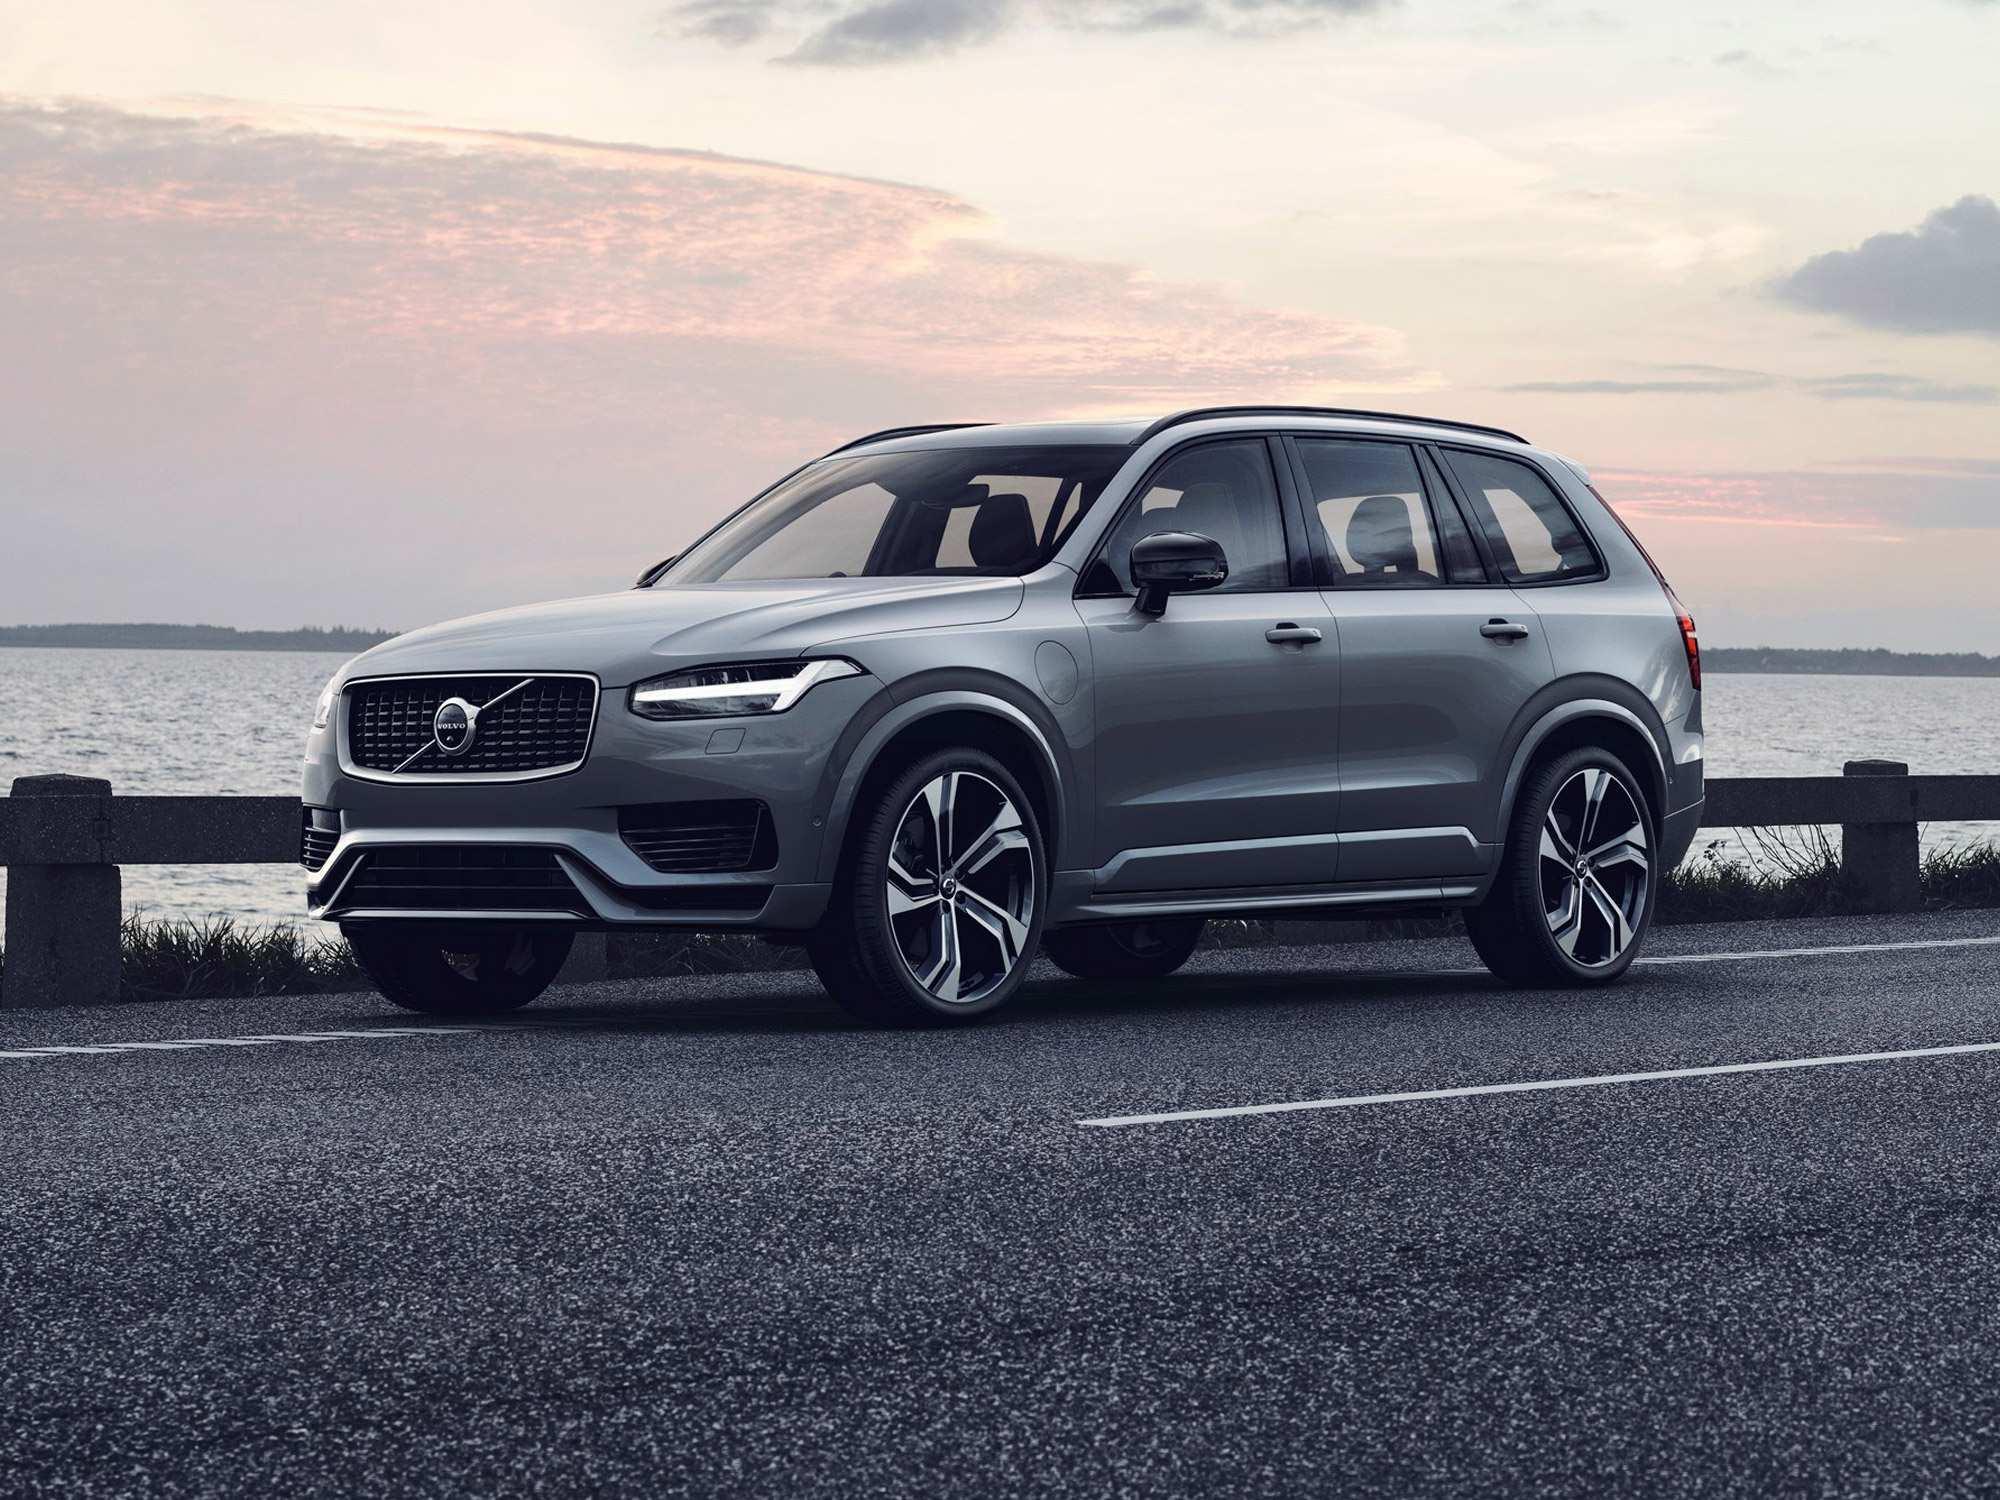 28 Concept of När Kommer Volvo 2020 Speed Test with När Kommer Volvo 2020